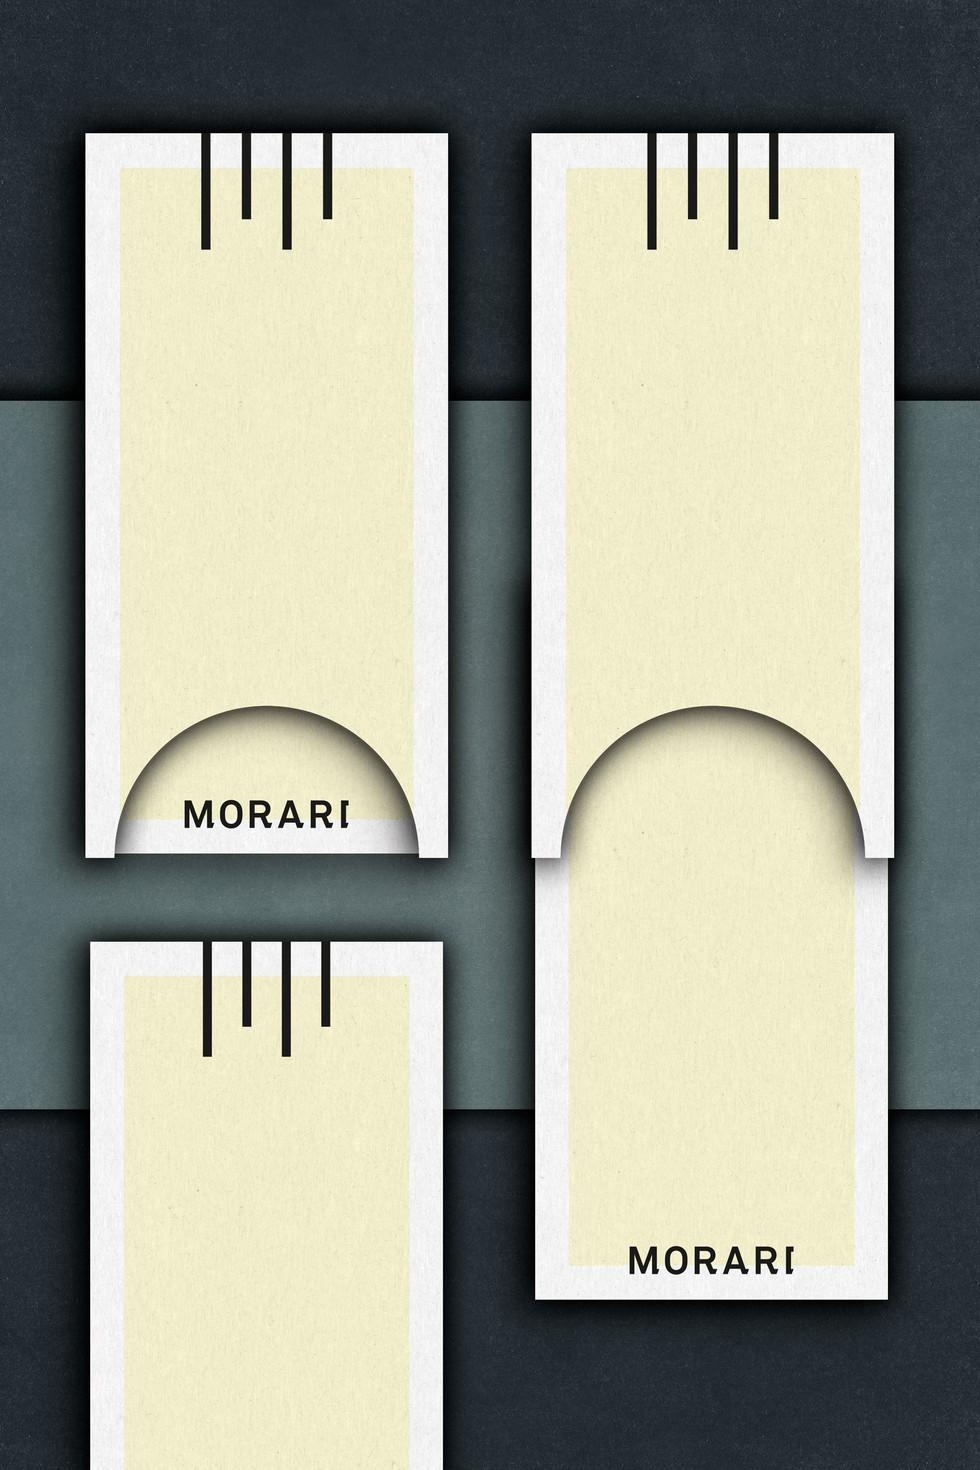 Morari_05.jpg